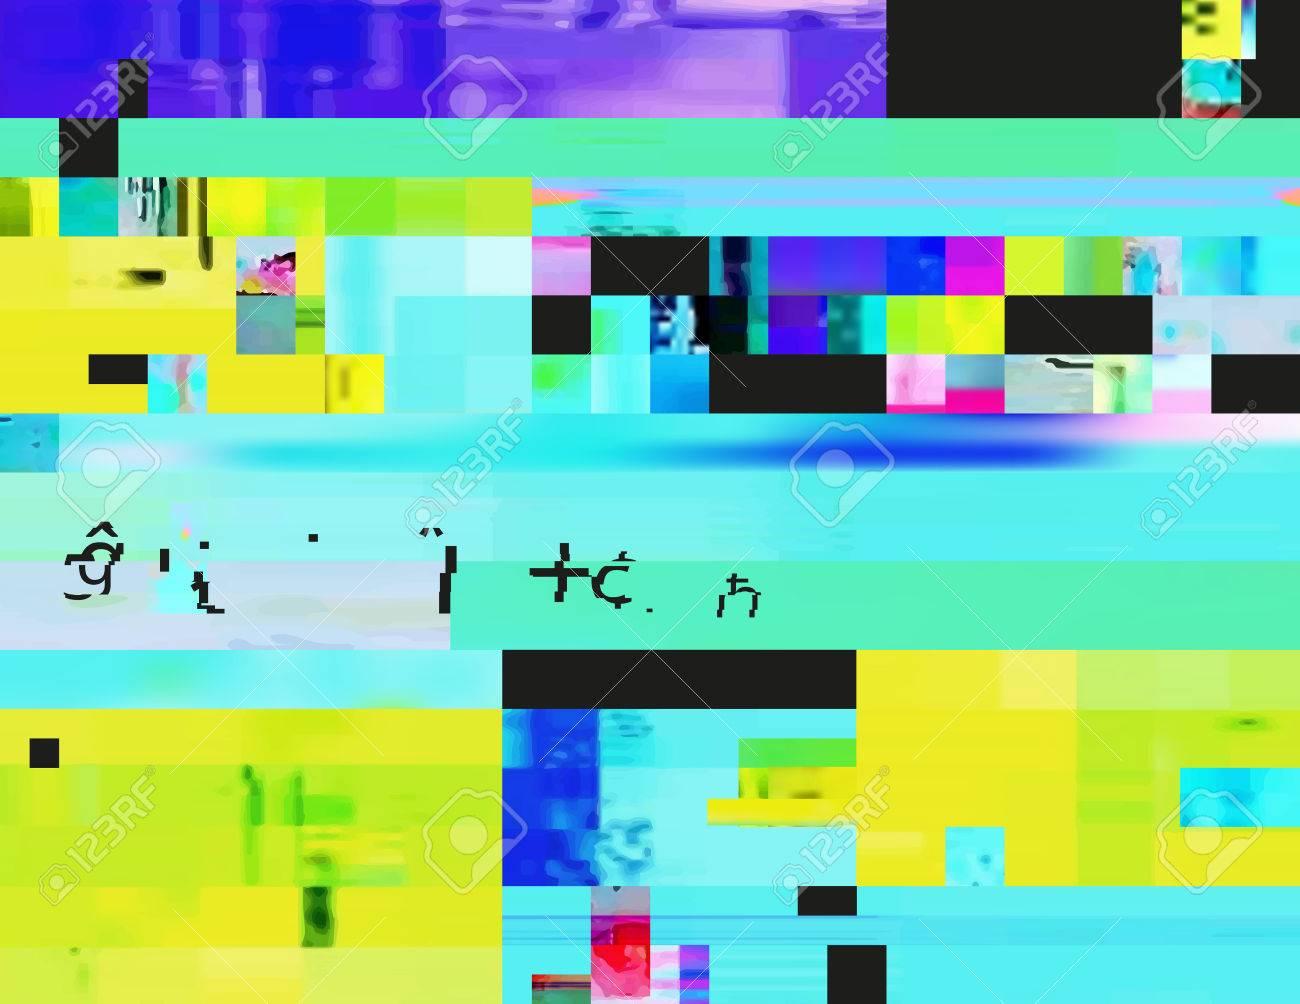 Glitch-Hintergrund In Der Rave-Ästhetik. Zufällige Digitalen ...